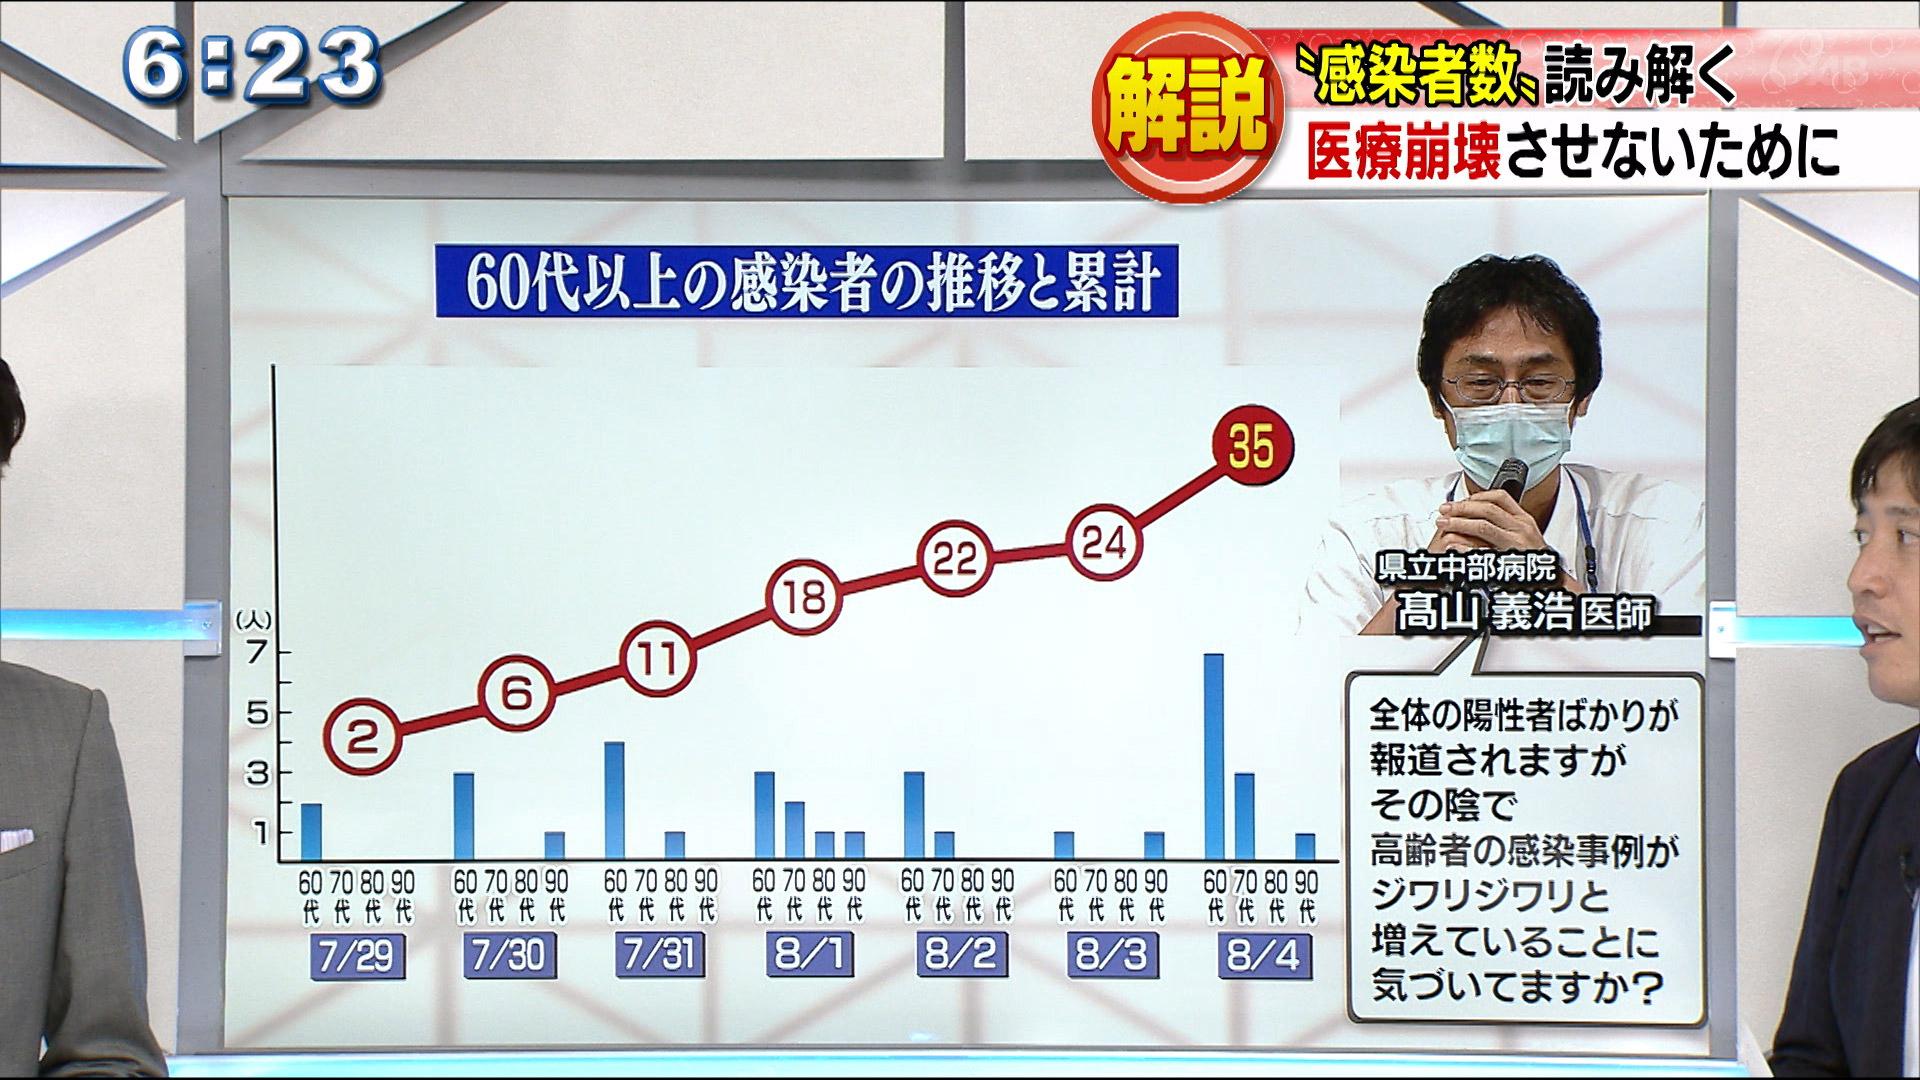 コロナ感染累計714人 感染者の数を読み解く